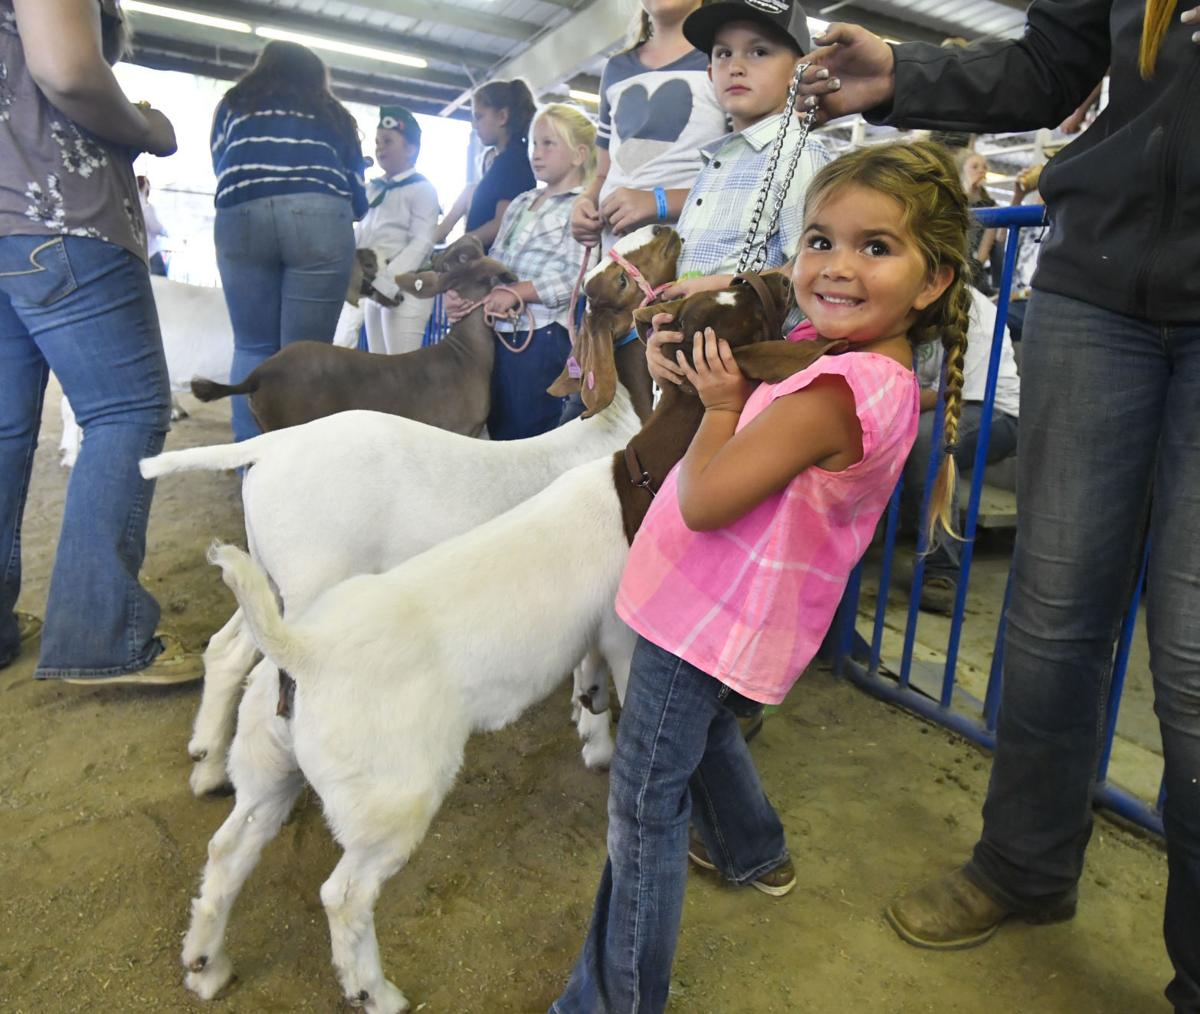 071118 County Fair Pee Wee 01.jpg